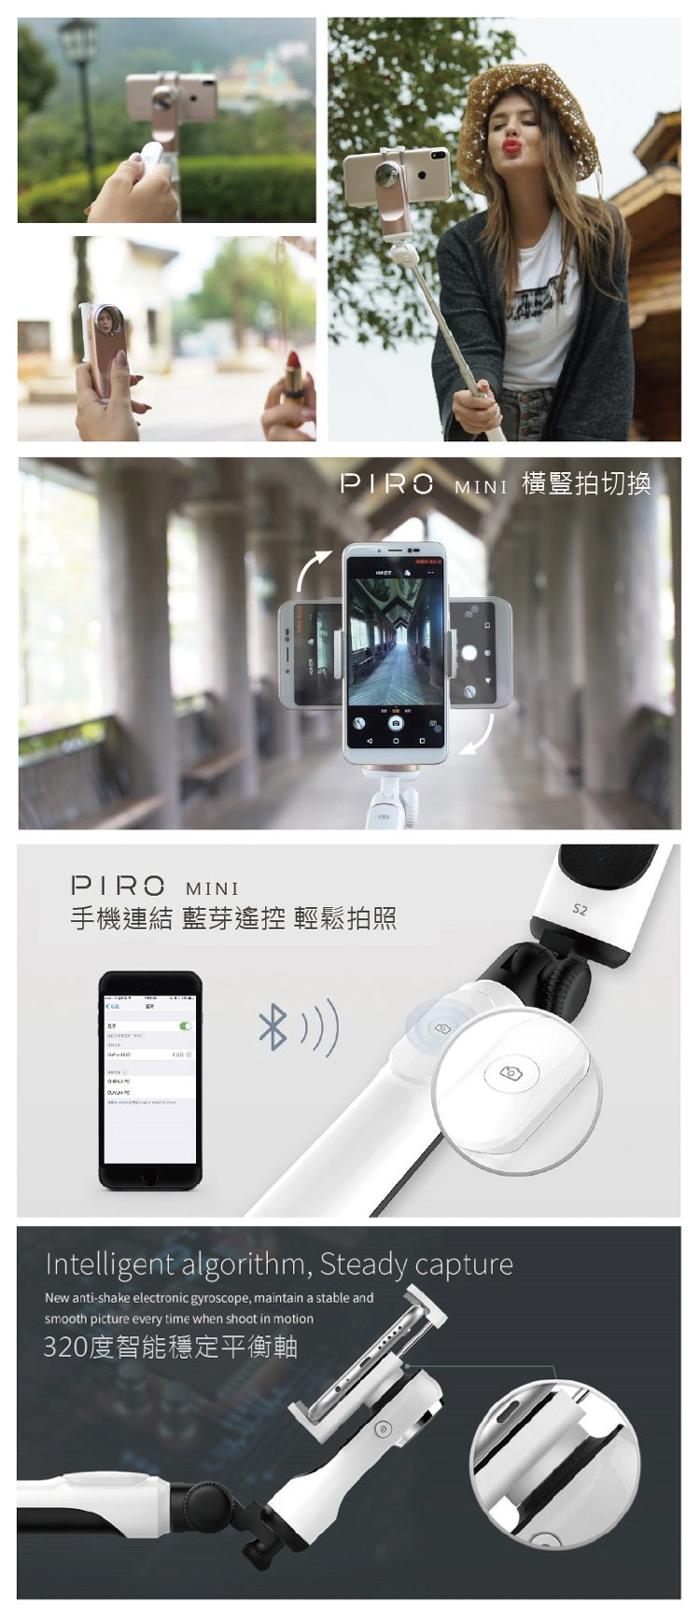 02 Luxy Star 台灣 Piro Mini 超袖珍拍攝穩定器 Searching C hk Hong Kong 香港